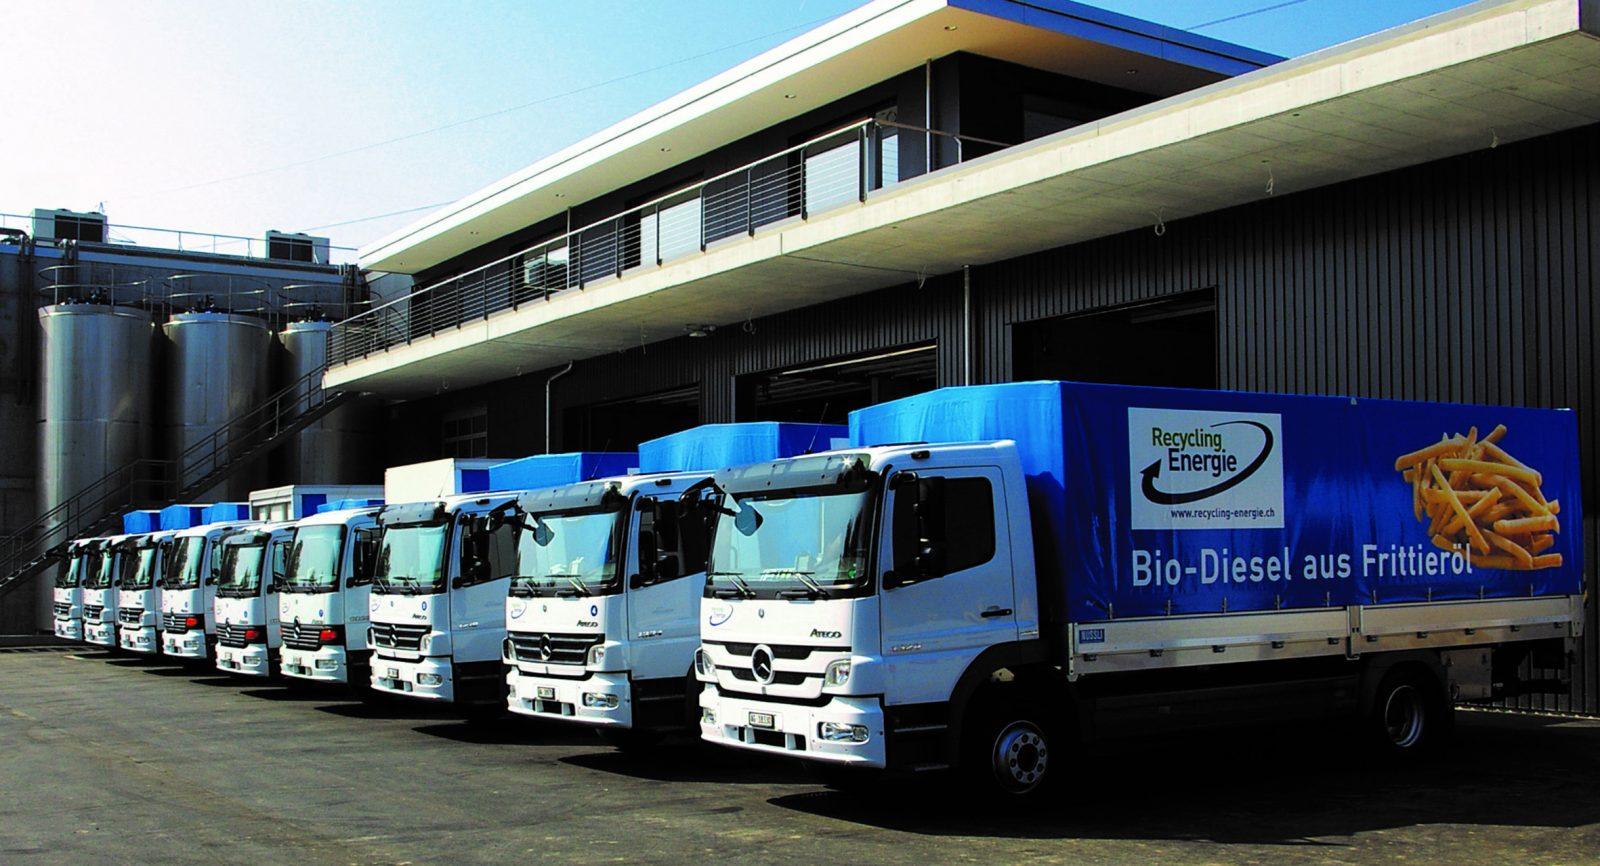 Die Lastwagen der Recycling Energie AG dienen der Logistik der biogenen Abfallstoffe und werden mit dem daraus gewonnenen Biodiesel betrieben. Bild: Recycling Energie AG